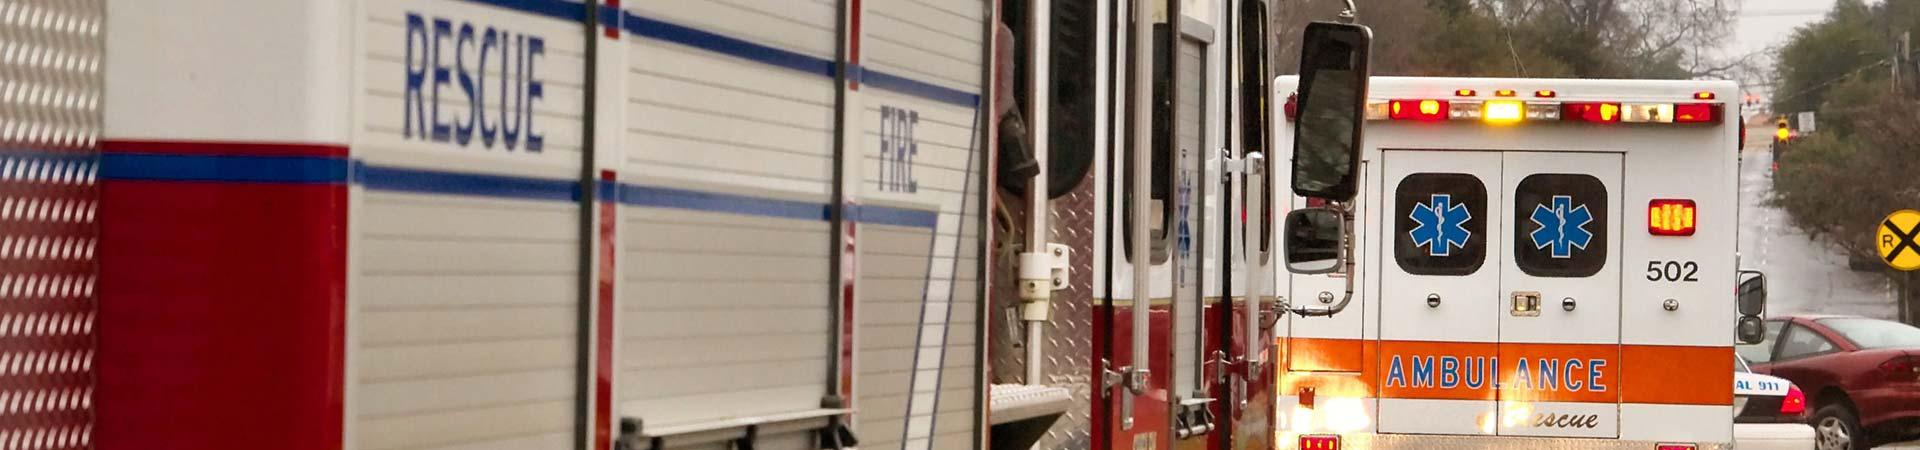 Firetruck and ambulance. Burn injury lawyer Atlanta, GA>